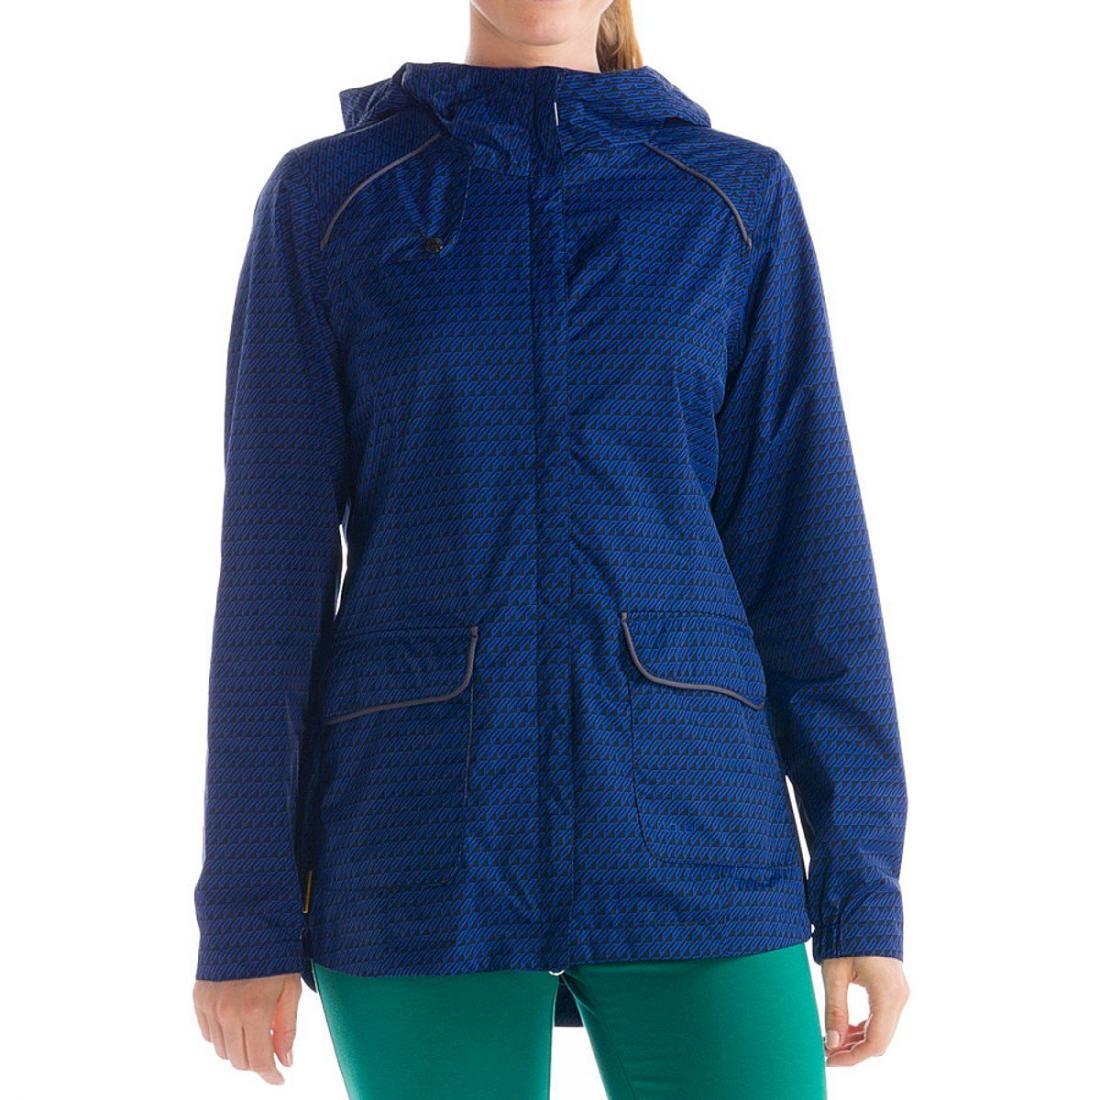 Куртка LUW0229 CAMDEN JACKETКуртки<br>CAMDEN JACKET – легкая женская куртка с капюшоном, которая может использоваться как ветровка, часть спортивной экипировки  или в качестве повсед...<br><br>Цвет: Темно-синий<br>Размер: XS